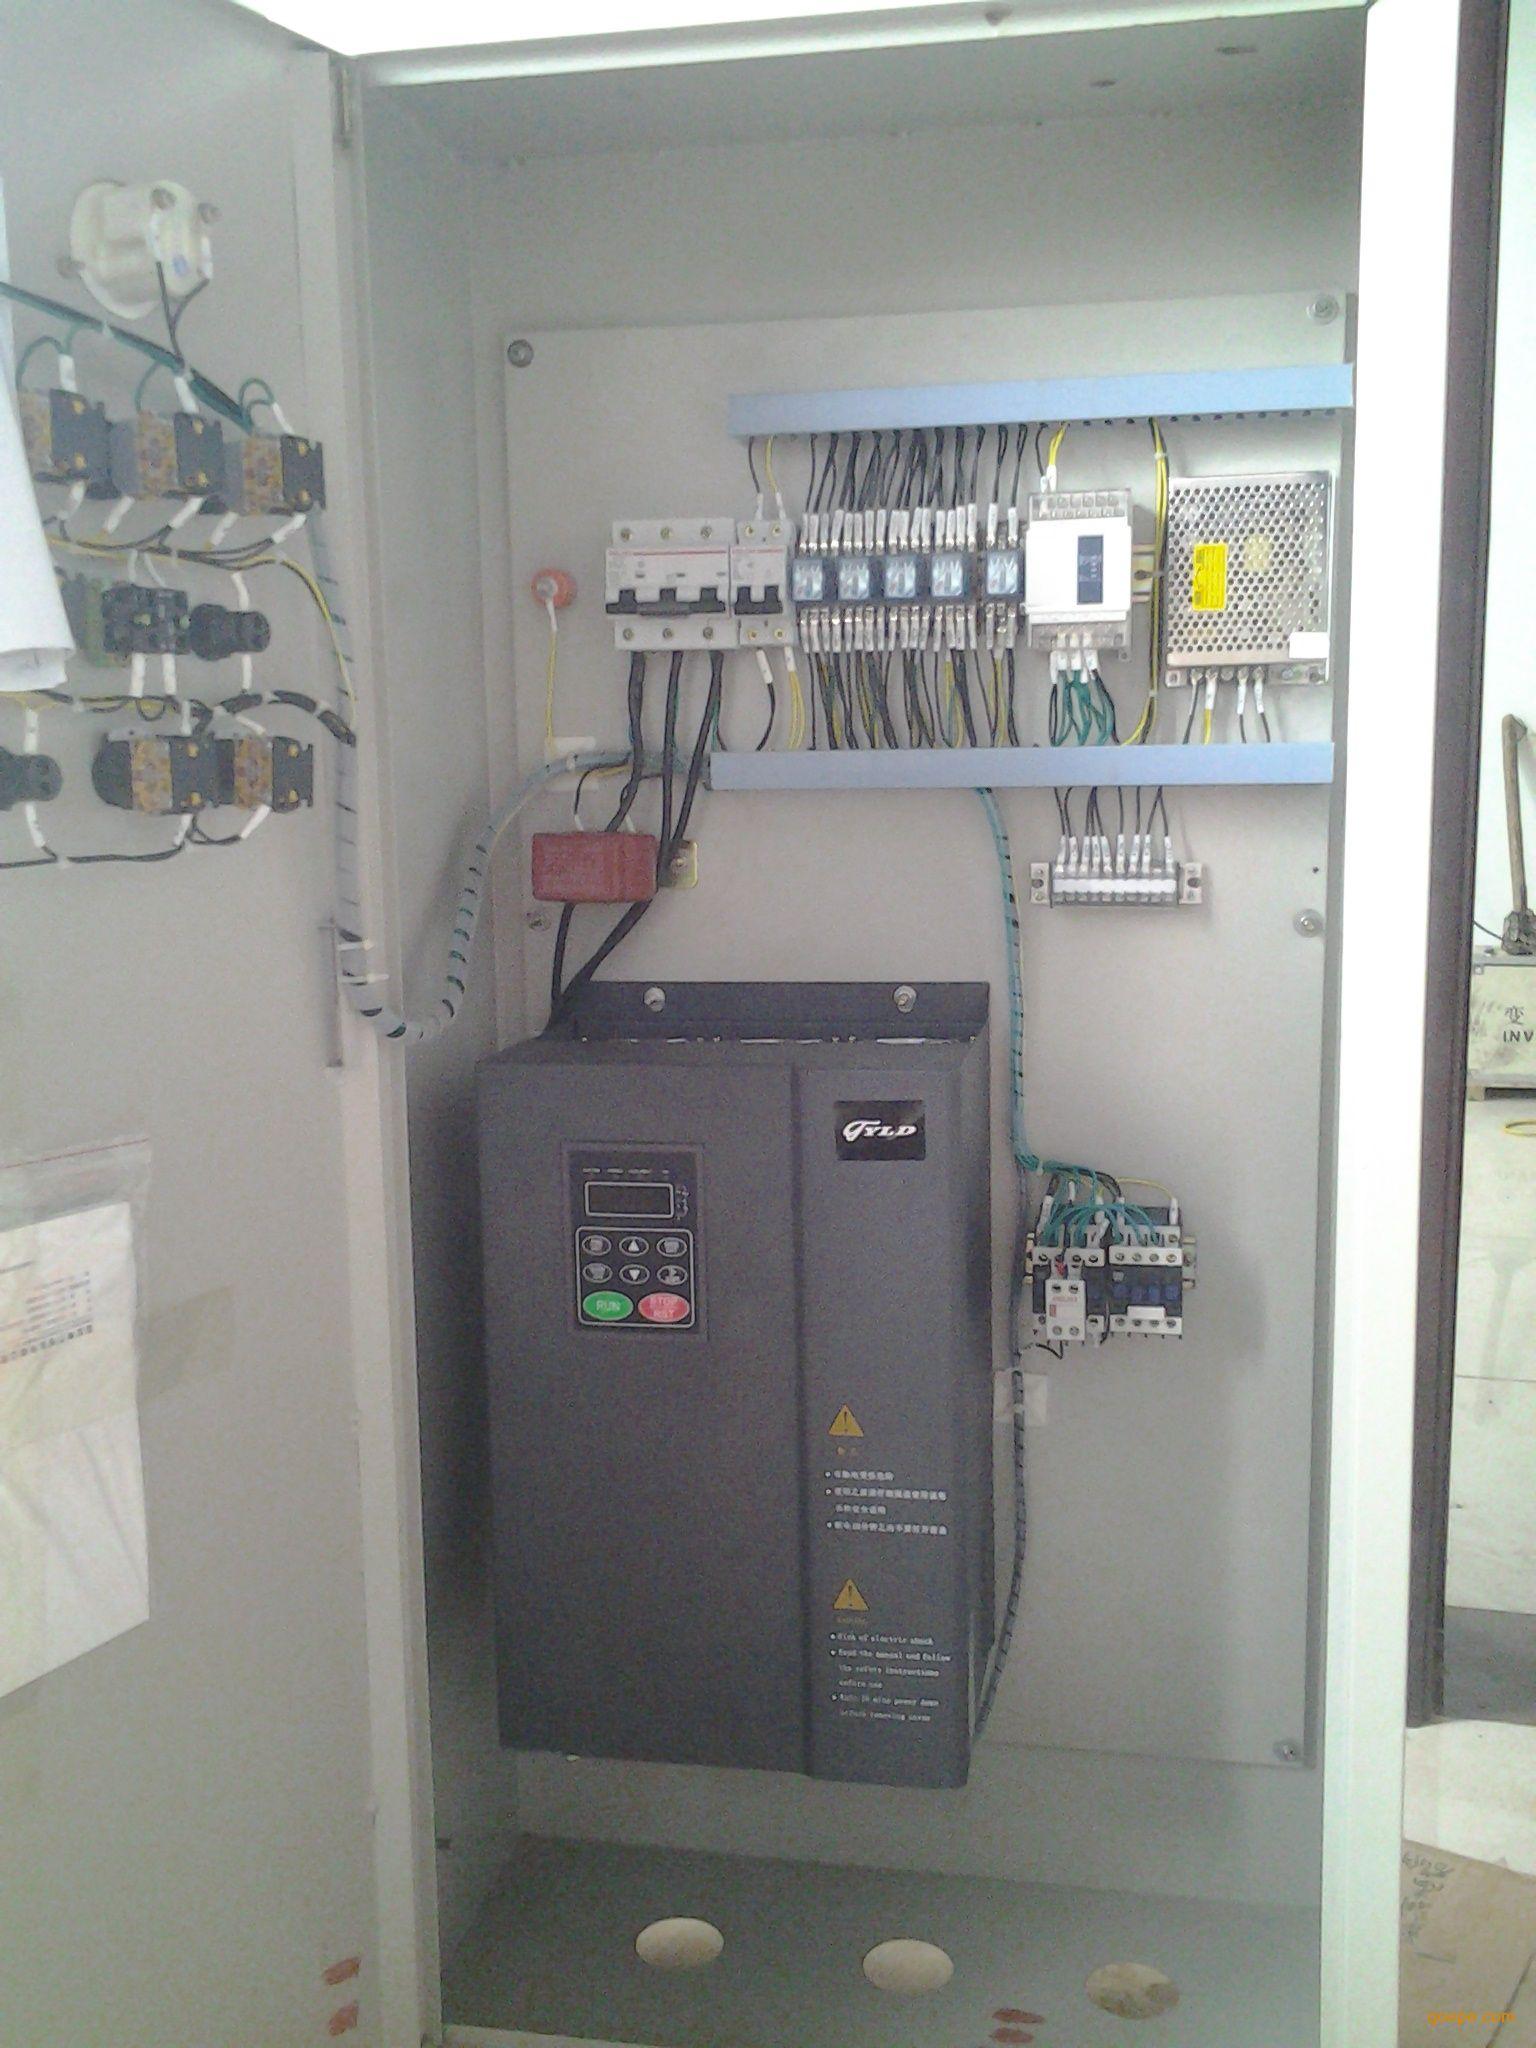 施耐德,abb,台达,正泰,汇川变频器控制柜,软启动控制柜报价